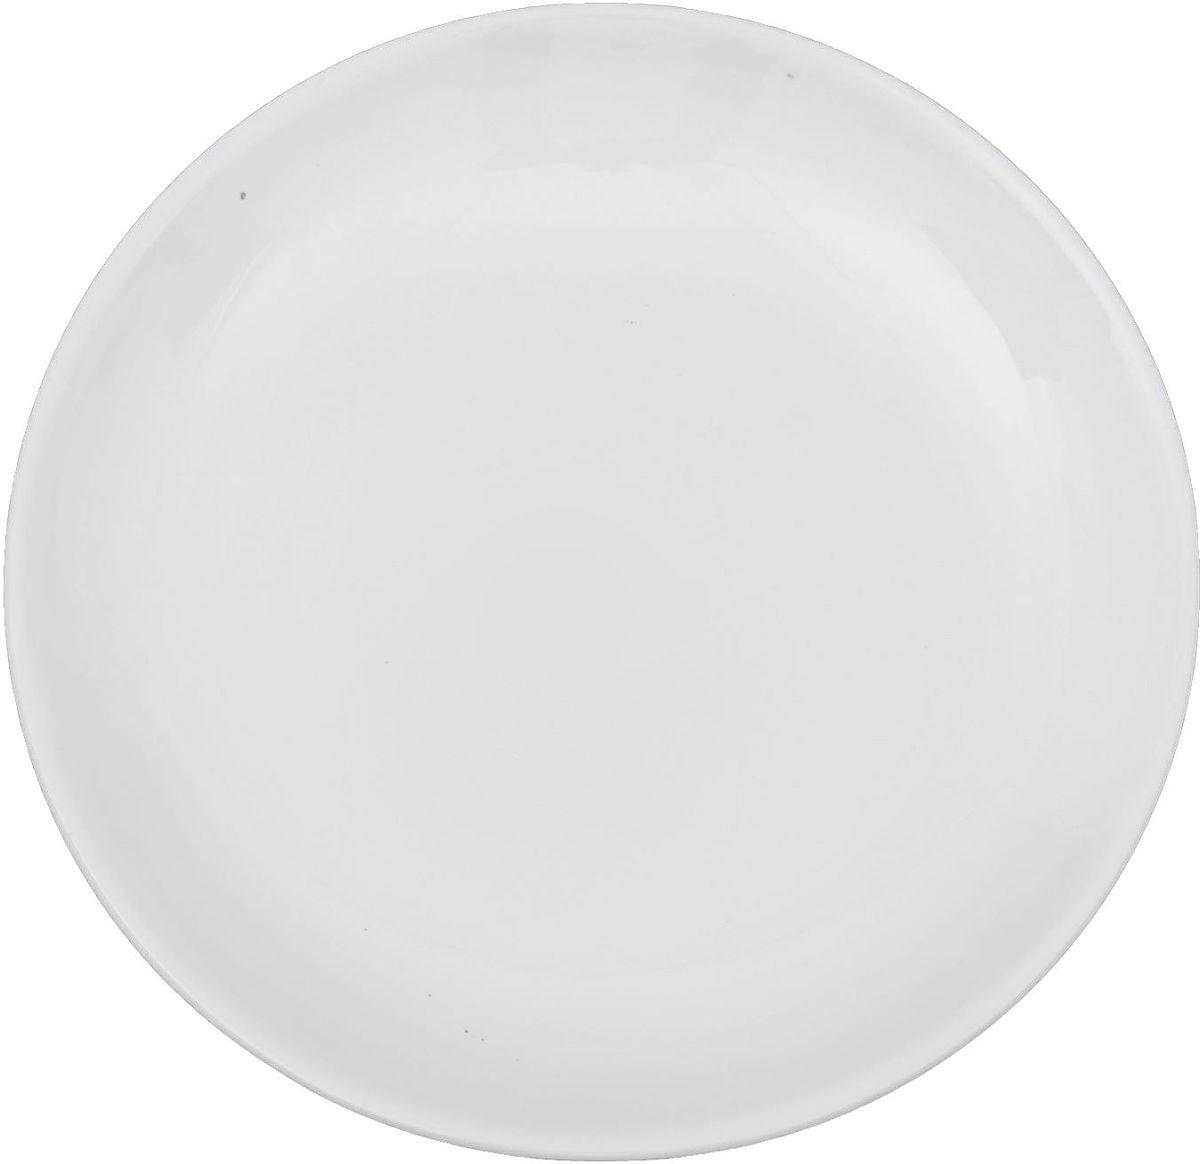 Тарелка Turon Porcelain Классика, диаметр 22,5 см1625430Тарелка Turon Porcelain Классика выполнена из фарфора. Она подойдет для повседневной и праздничной сервировки. Дополните стол текстилем и салфетками в тон, чтобы получить элегантное убранство с яркими акцентами. Узбекская посуда известна всему миру уже более тысячи лет. Ей любовались царские особы, на ней подавали еду шейхам и знатным персонам. Формула глазури передается из поколения в поколение. По сей день качественные изделия продолжают восхищать своей идеальной формой.